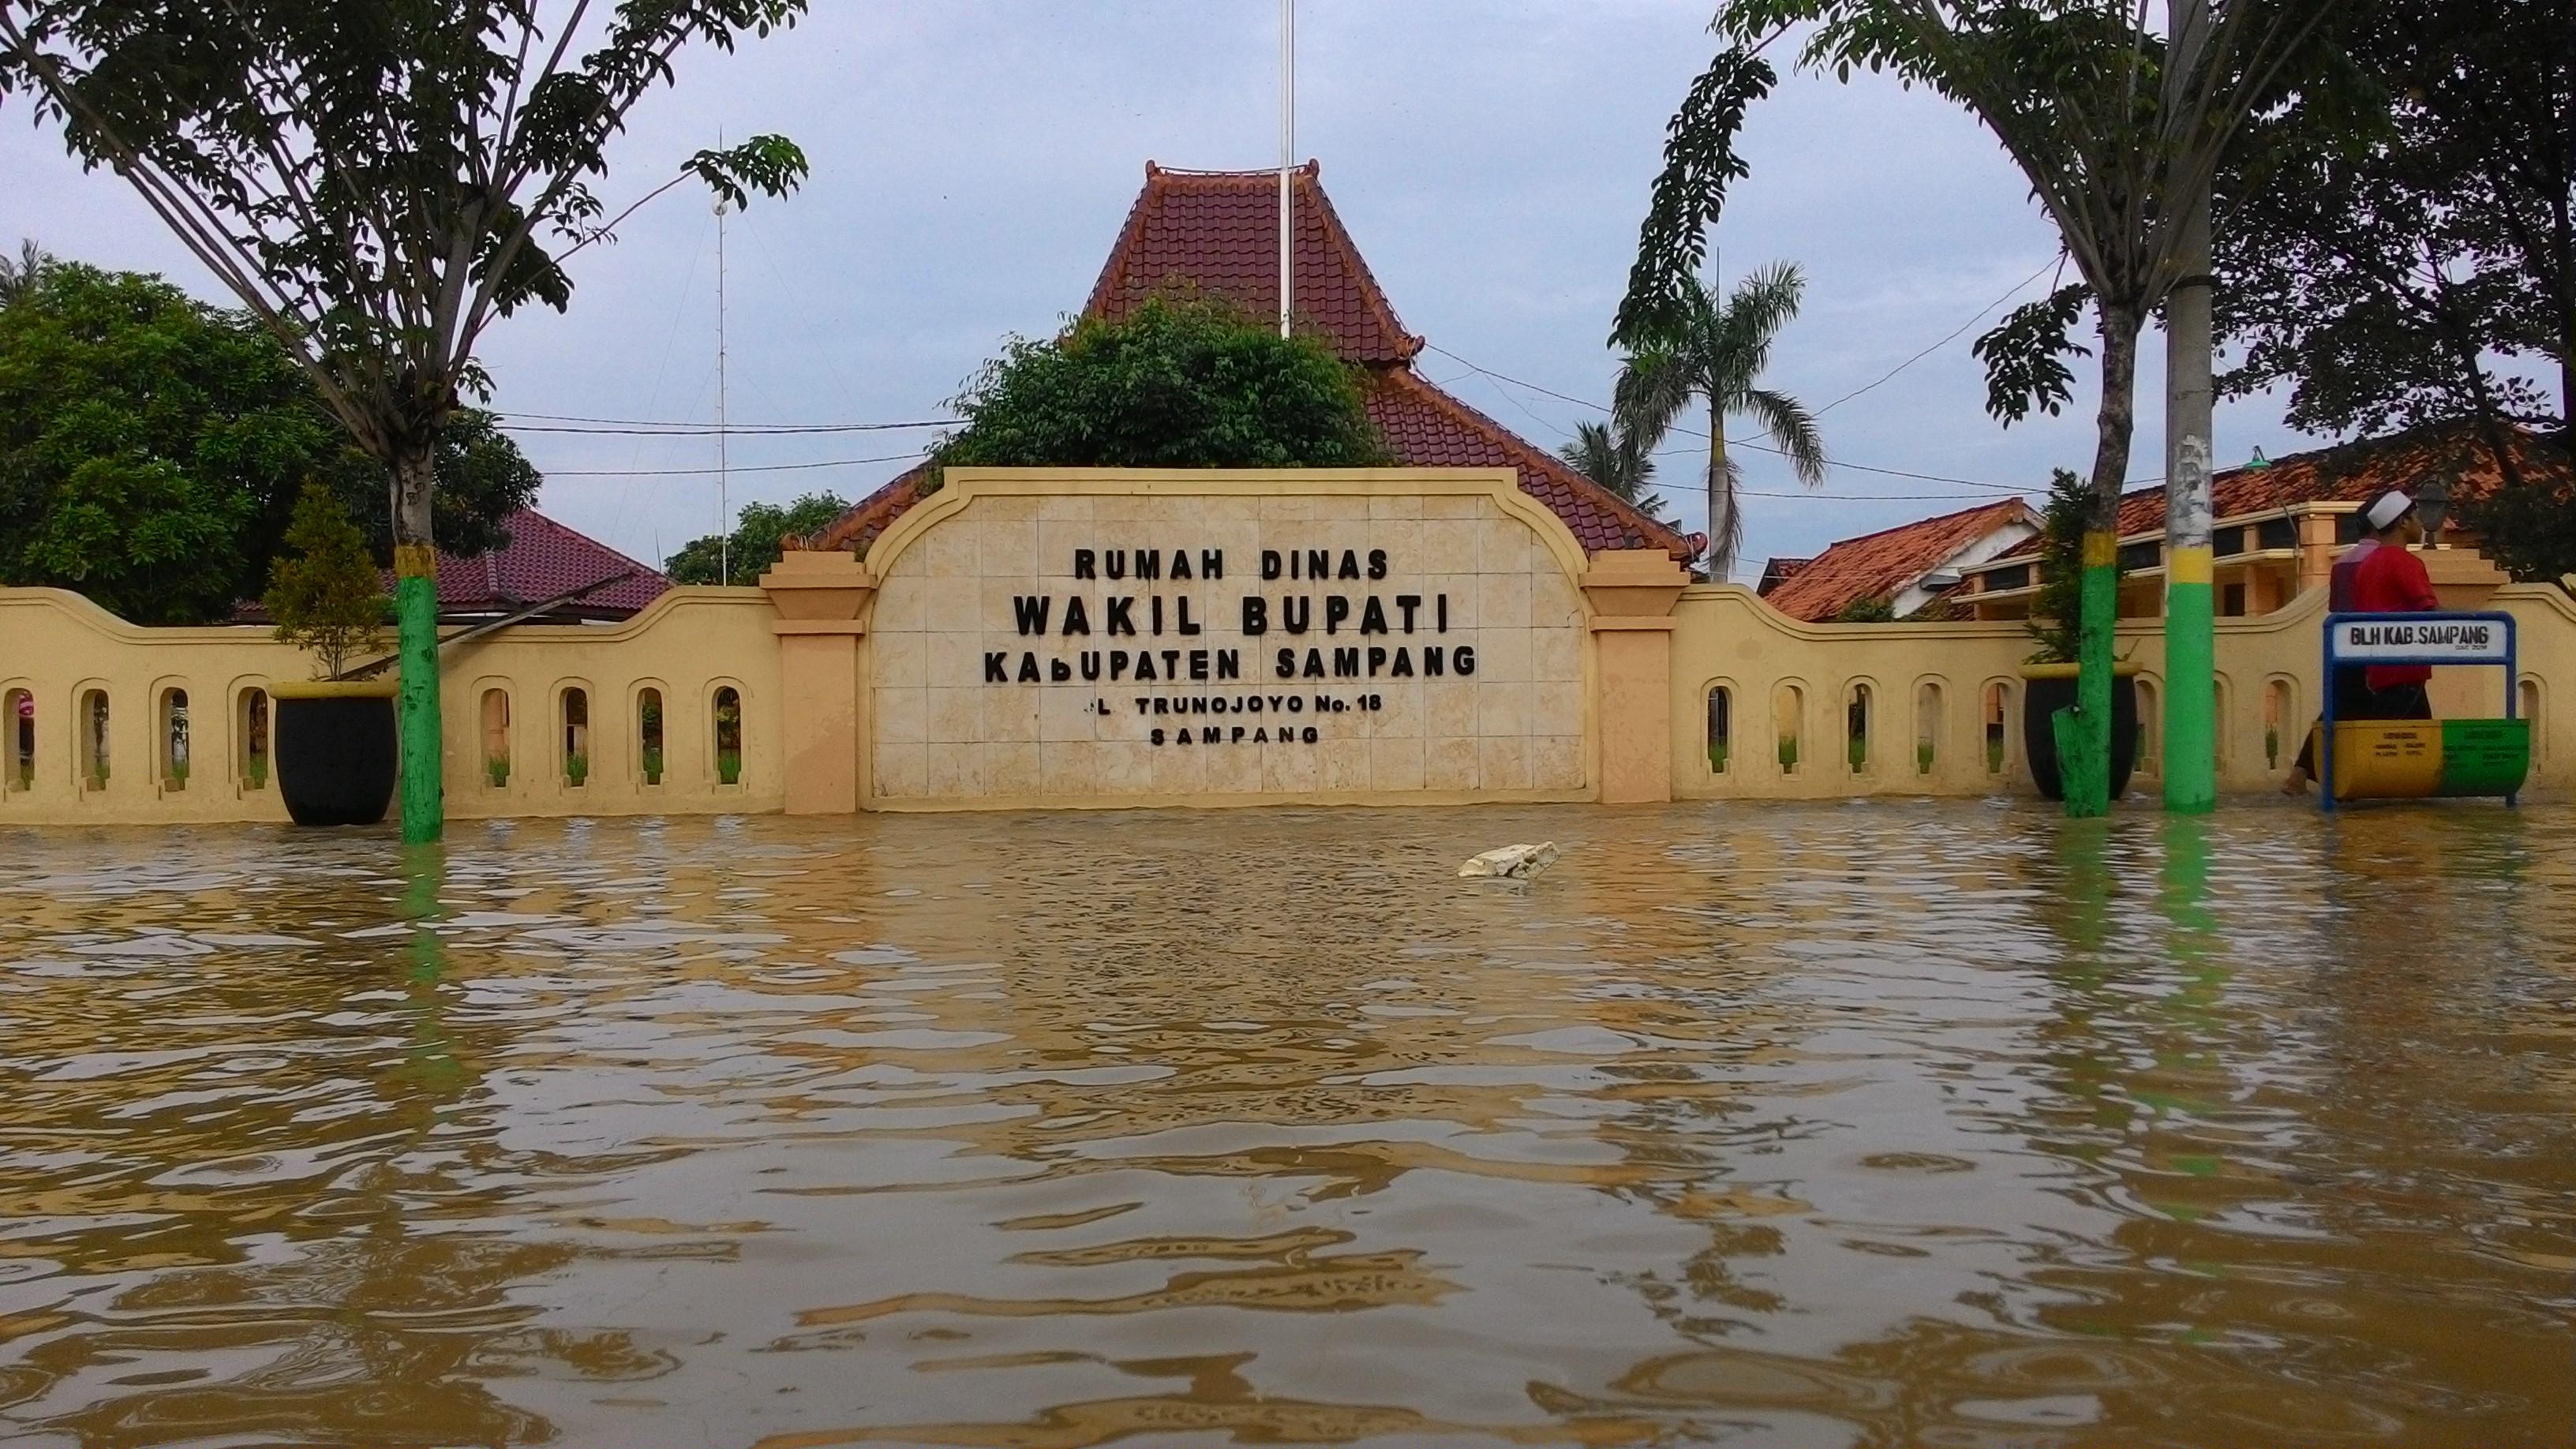 Kota Sampang Lumpuh Akibat Banjir Bandang Www Liputan1 Monumen Trunojoyo